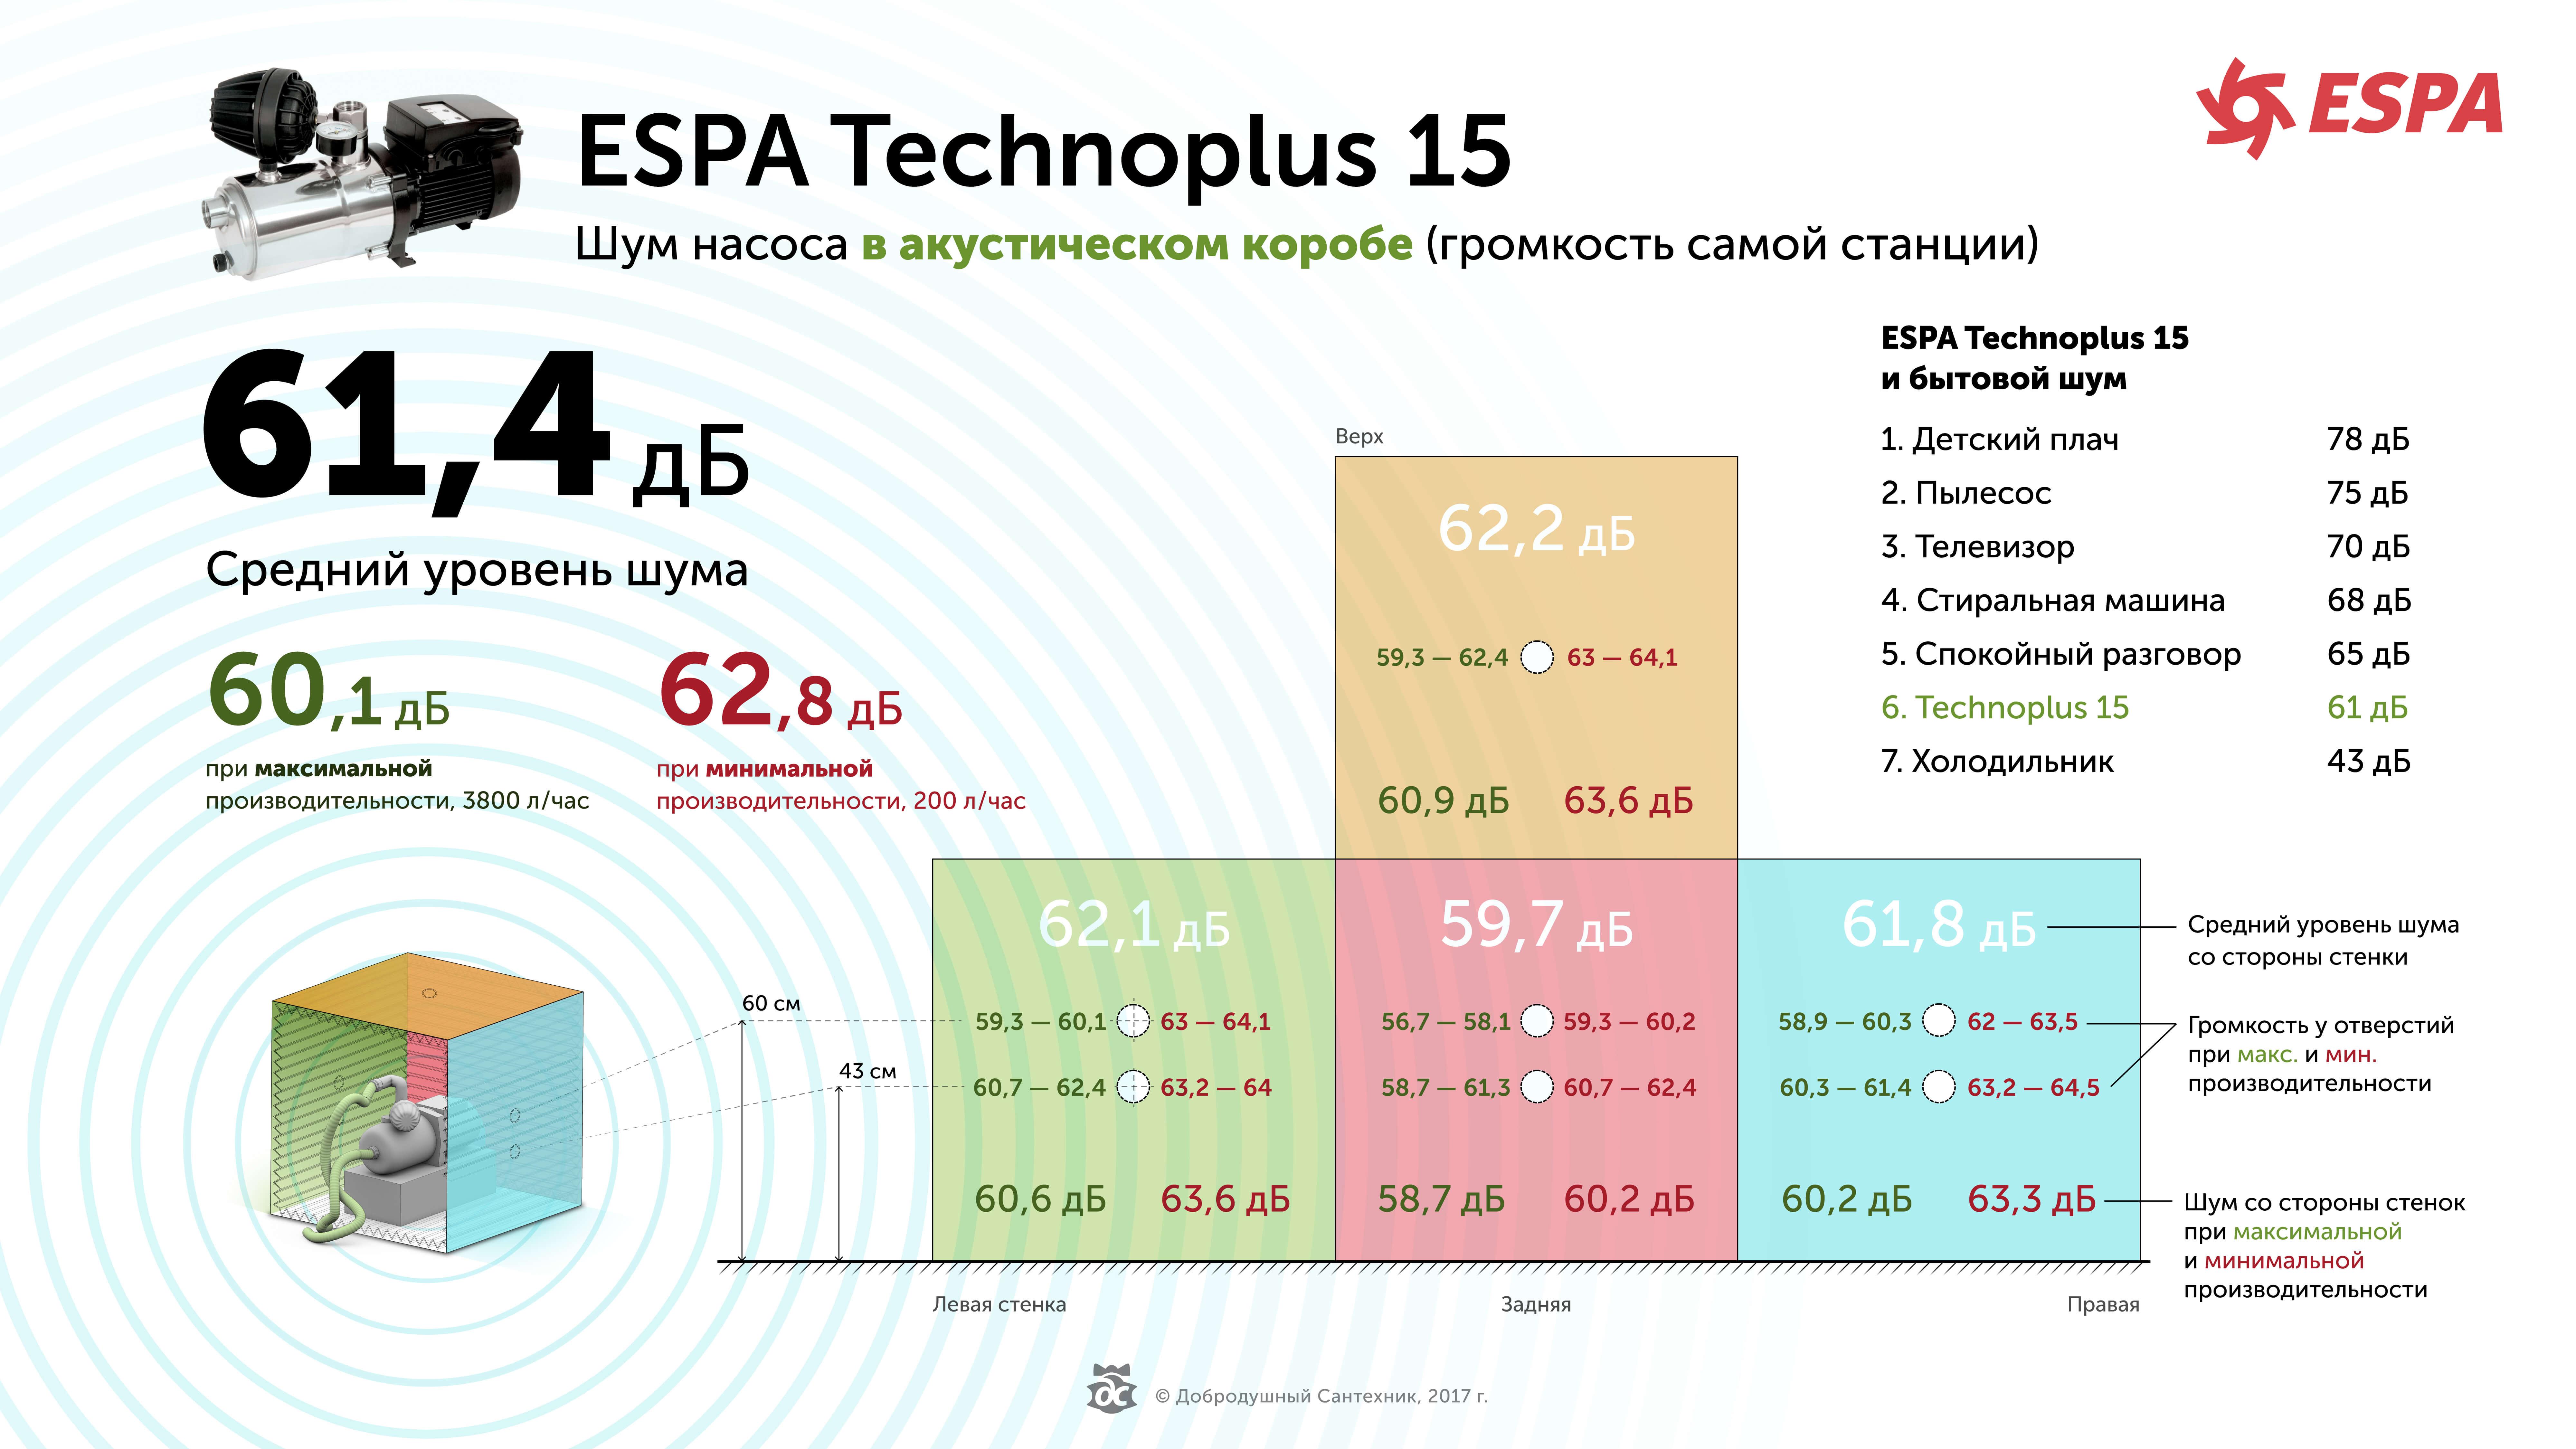 Шумность насоса Эспа Техноплюс 15 в акустическом коробе